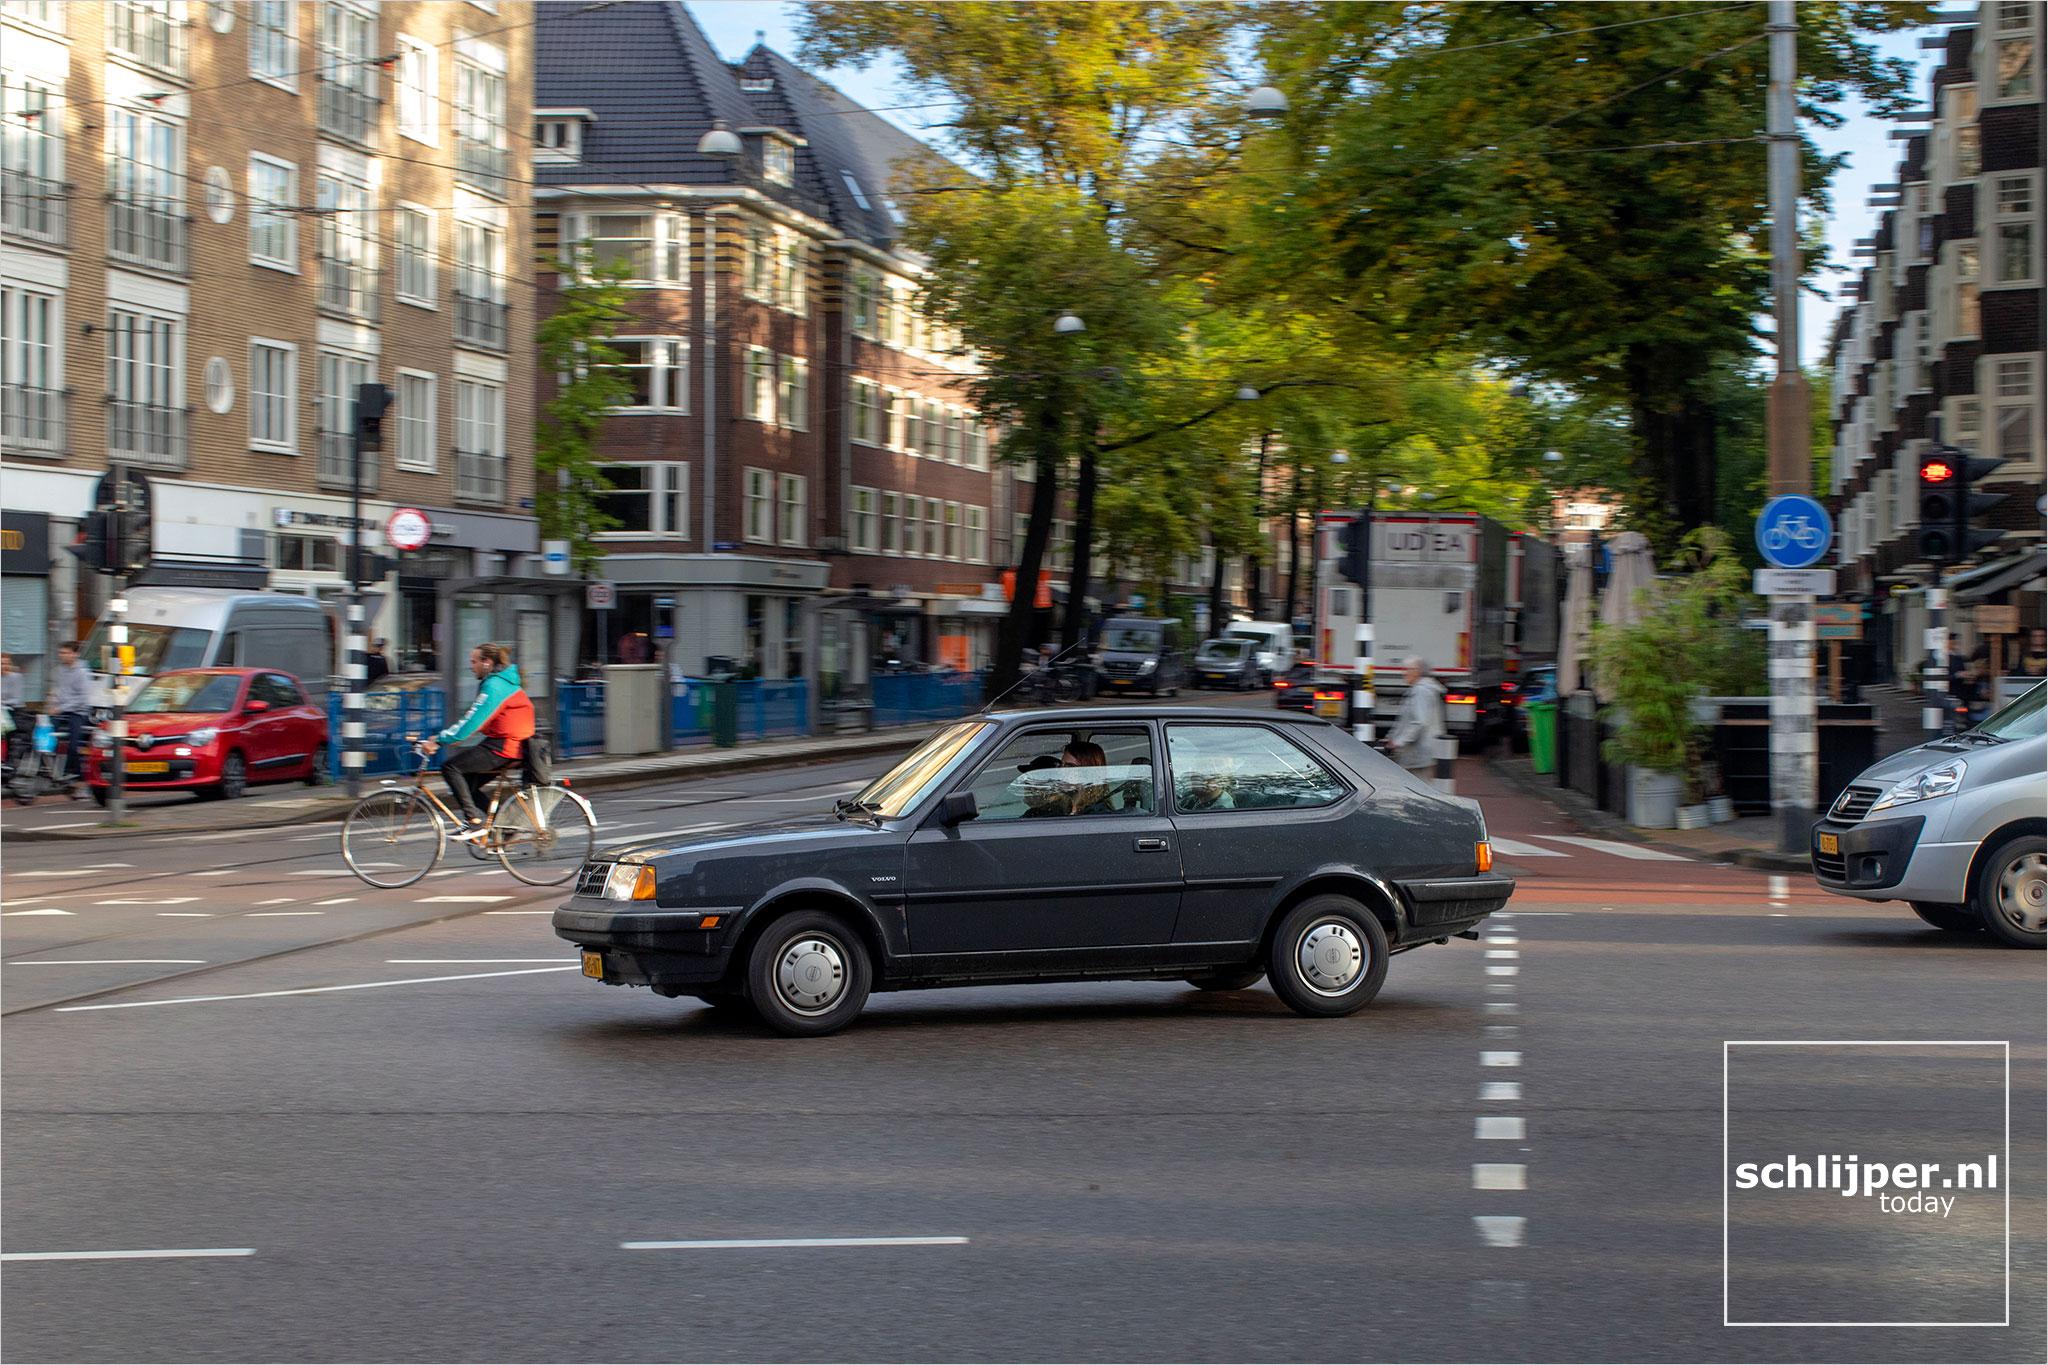 Nederland, Amsterdam, 4 september 2020